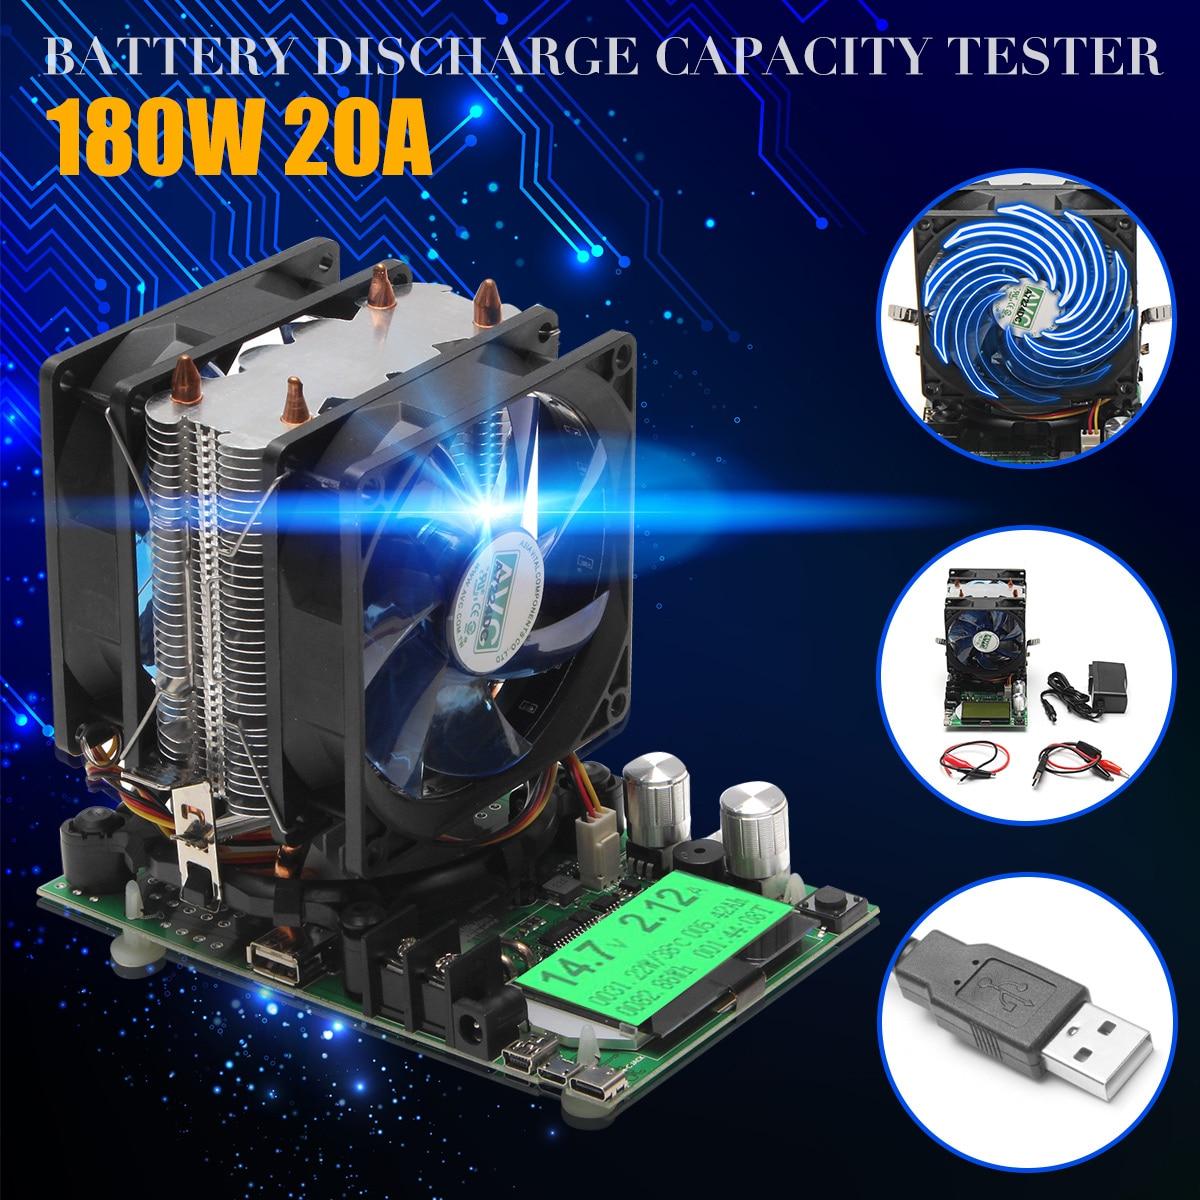 Professionnel 200 V 20A 180 W réglable Courant Constant de Charge Électronique Batterie Décharge Capacité multimètre Plomb-acide au lithium